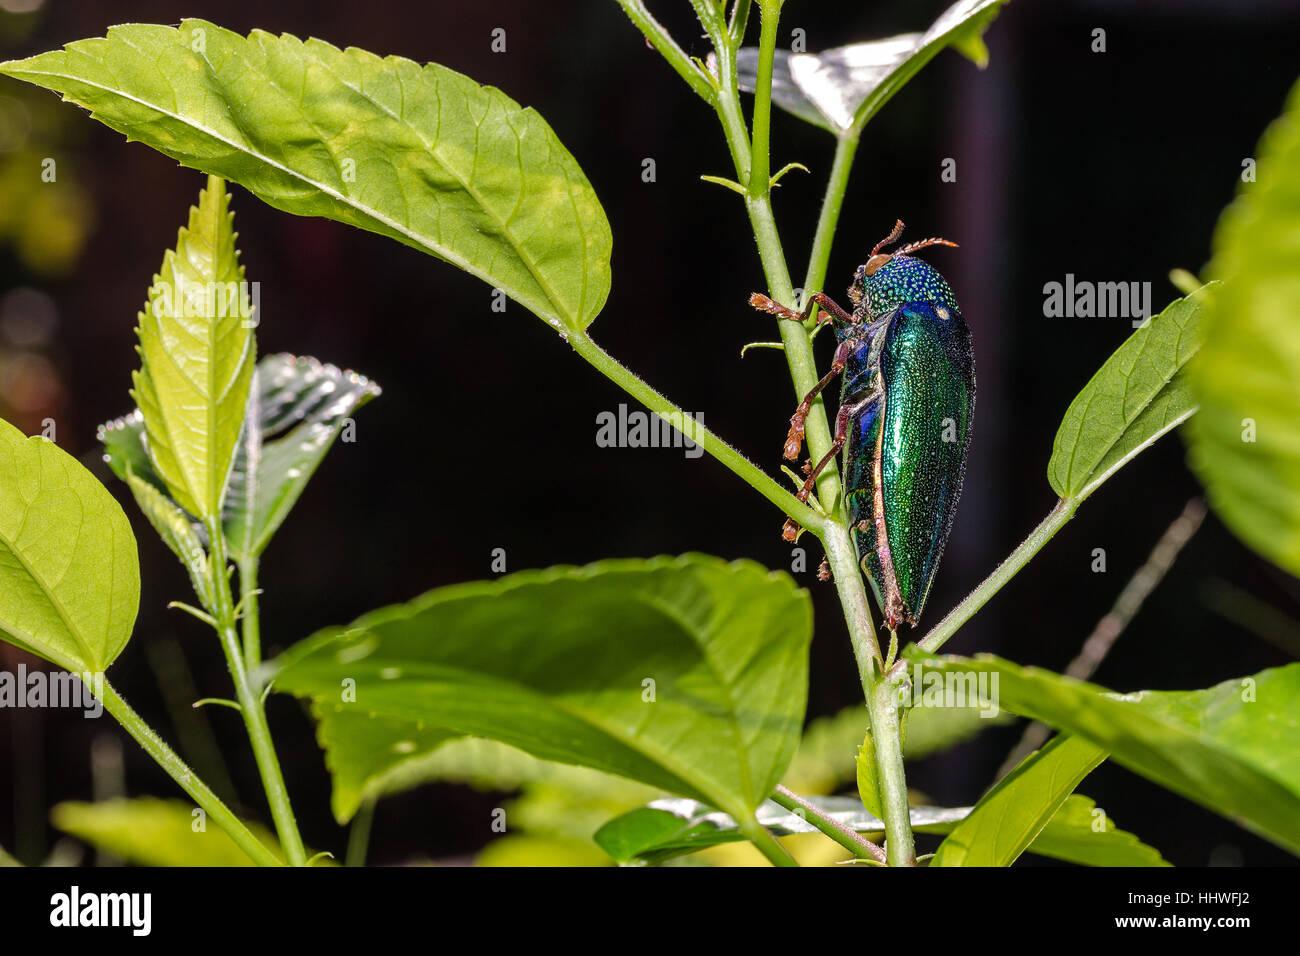 Jewel Beetle (Sternocera ruficornis) on the tree - Stock Image